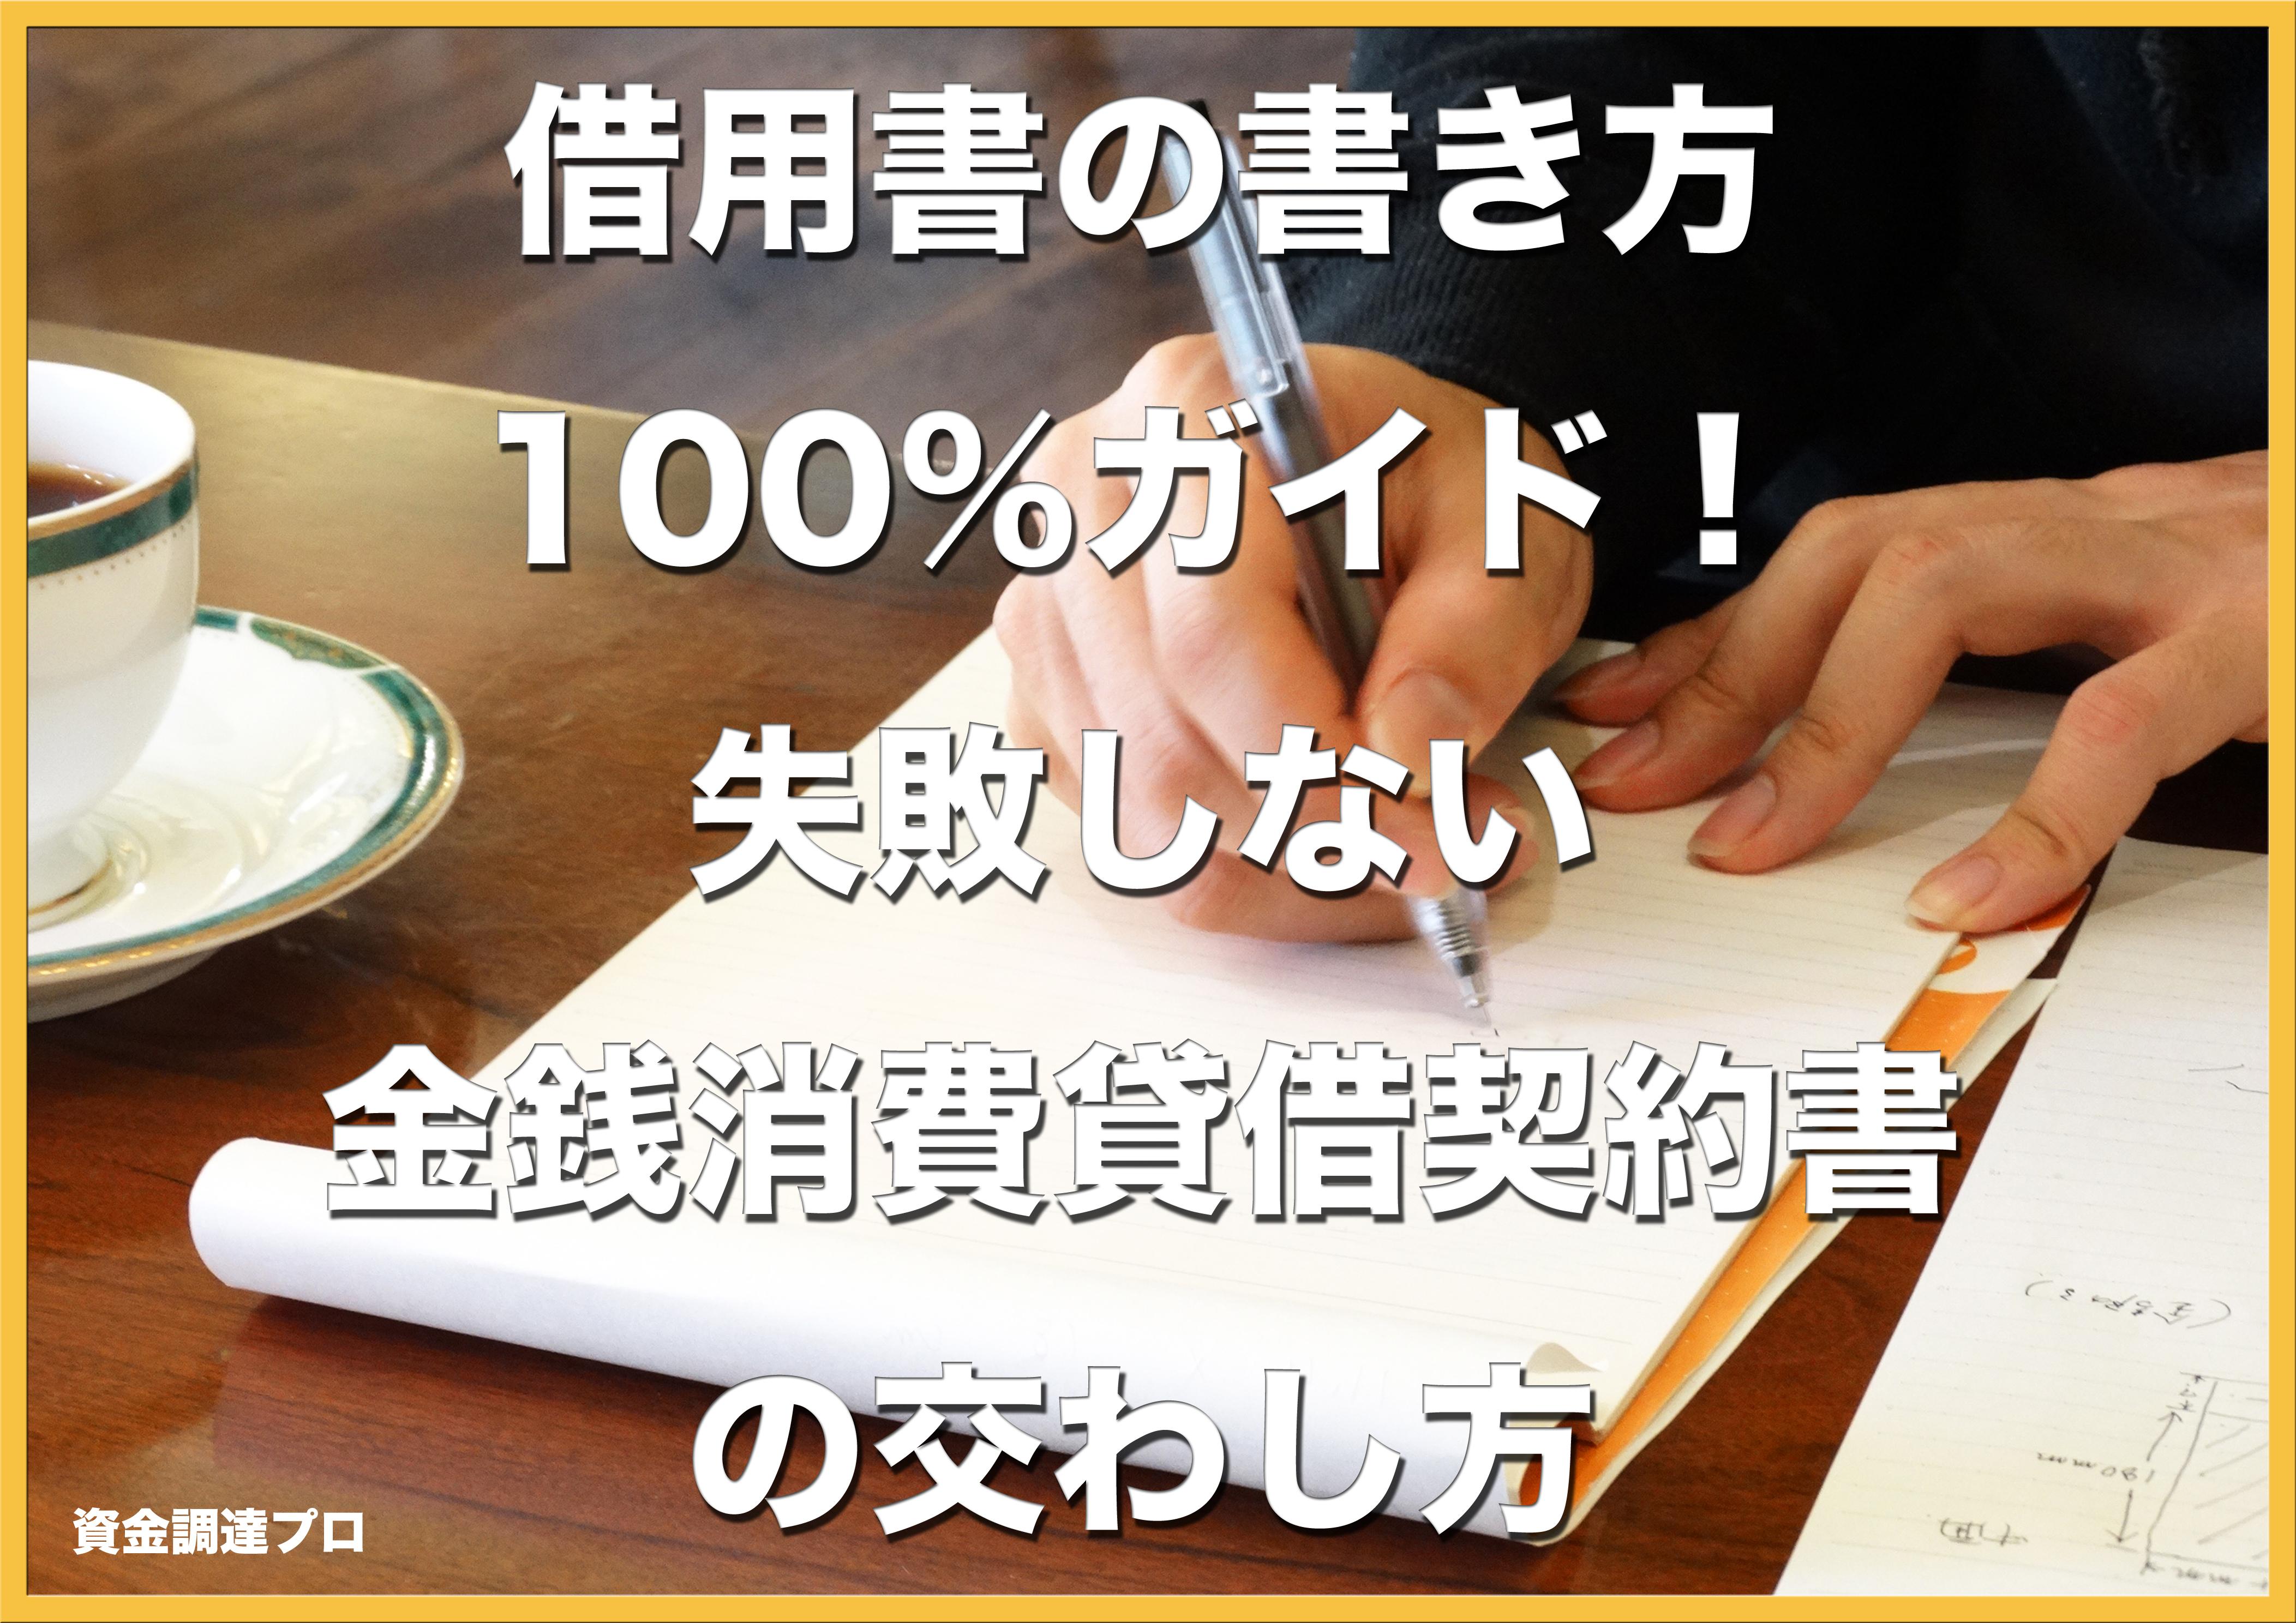 借用書の書き方100%ガイド!失敗しない金銭消費貸借契約書の交わし方